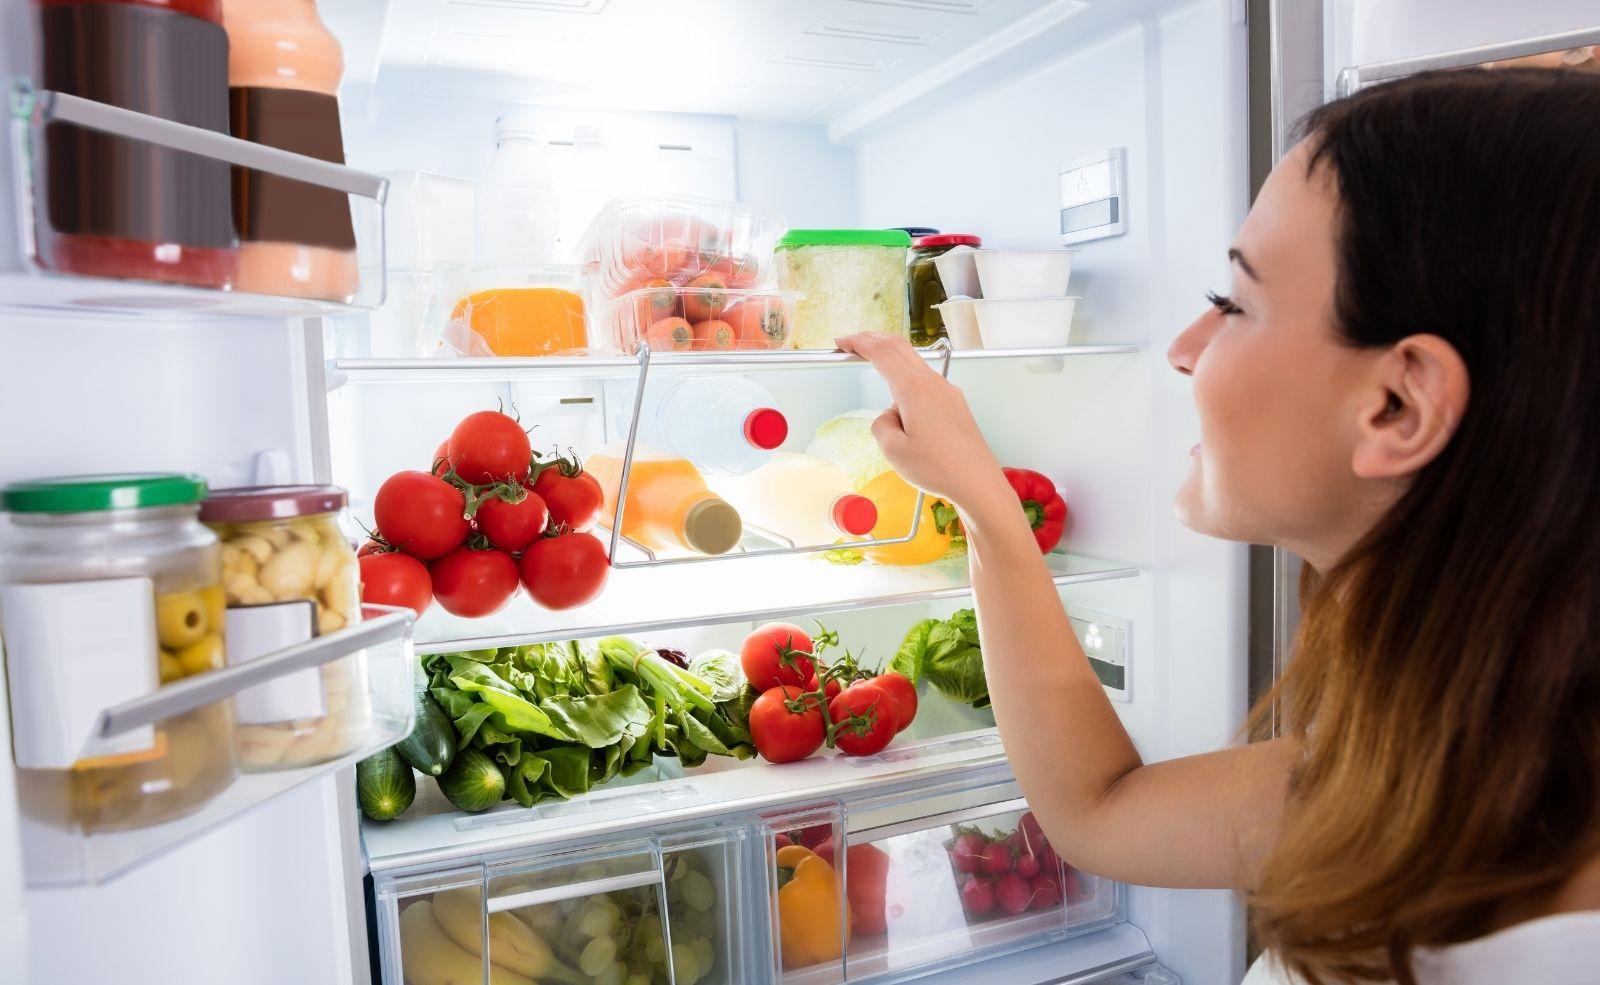 Kann man noch warmes Essen in den Kühlschrank stellen?